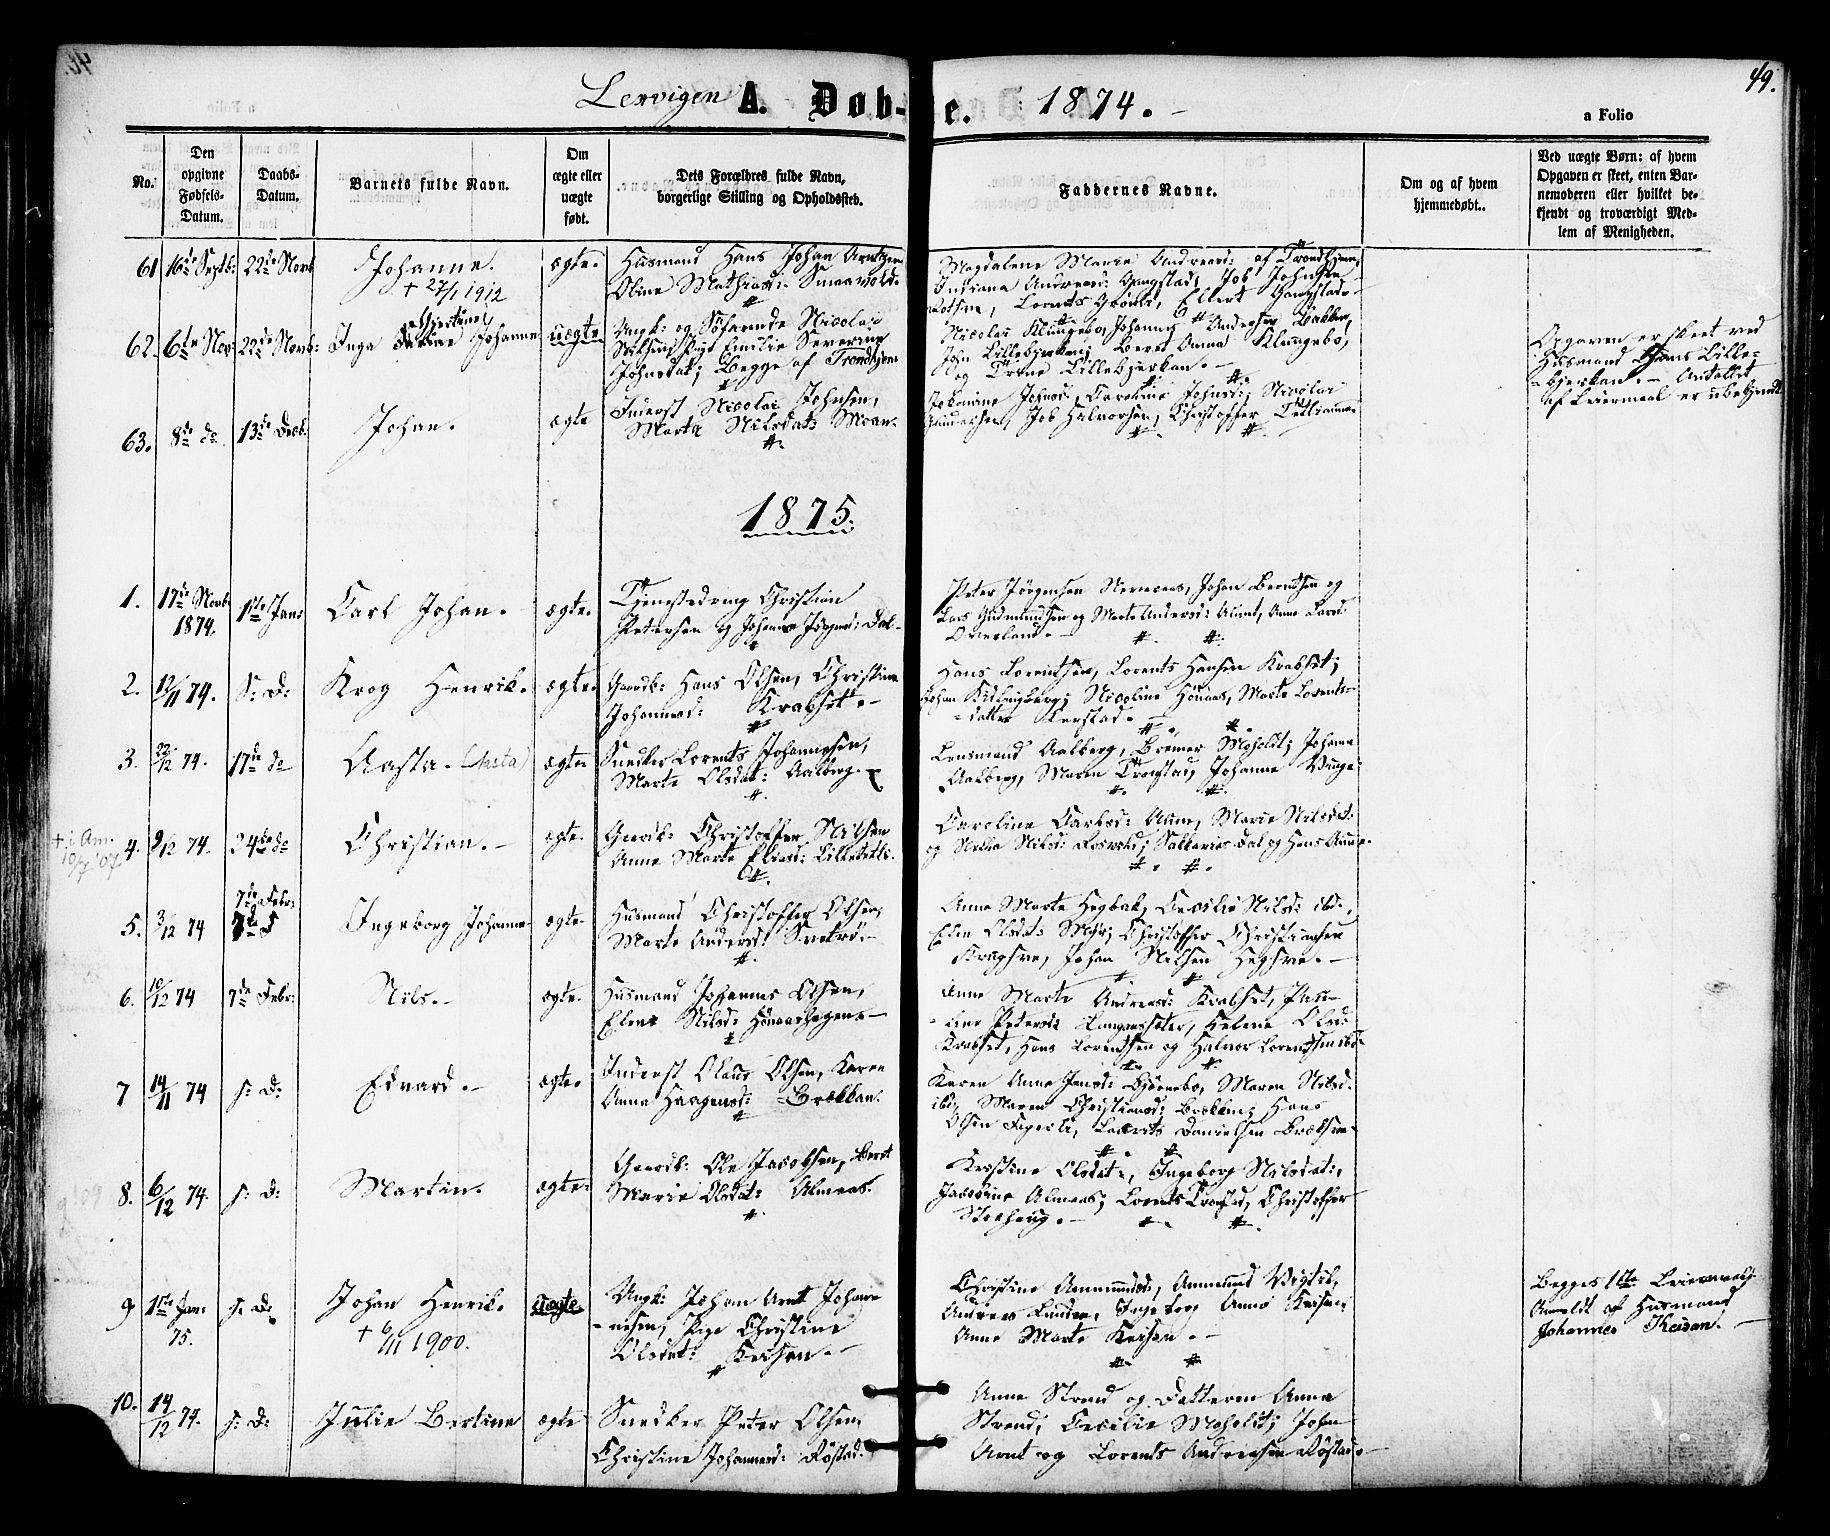 SAT, Ministerialprotokoller, klokkerbøker og fødselsregistre - Nord-Trøndelag, 701/L0009: Ministerialbok nr. 701A09 /1, 1864-1882, s. 49